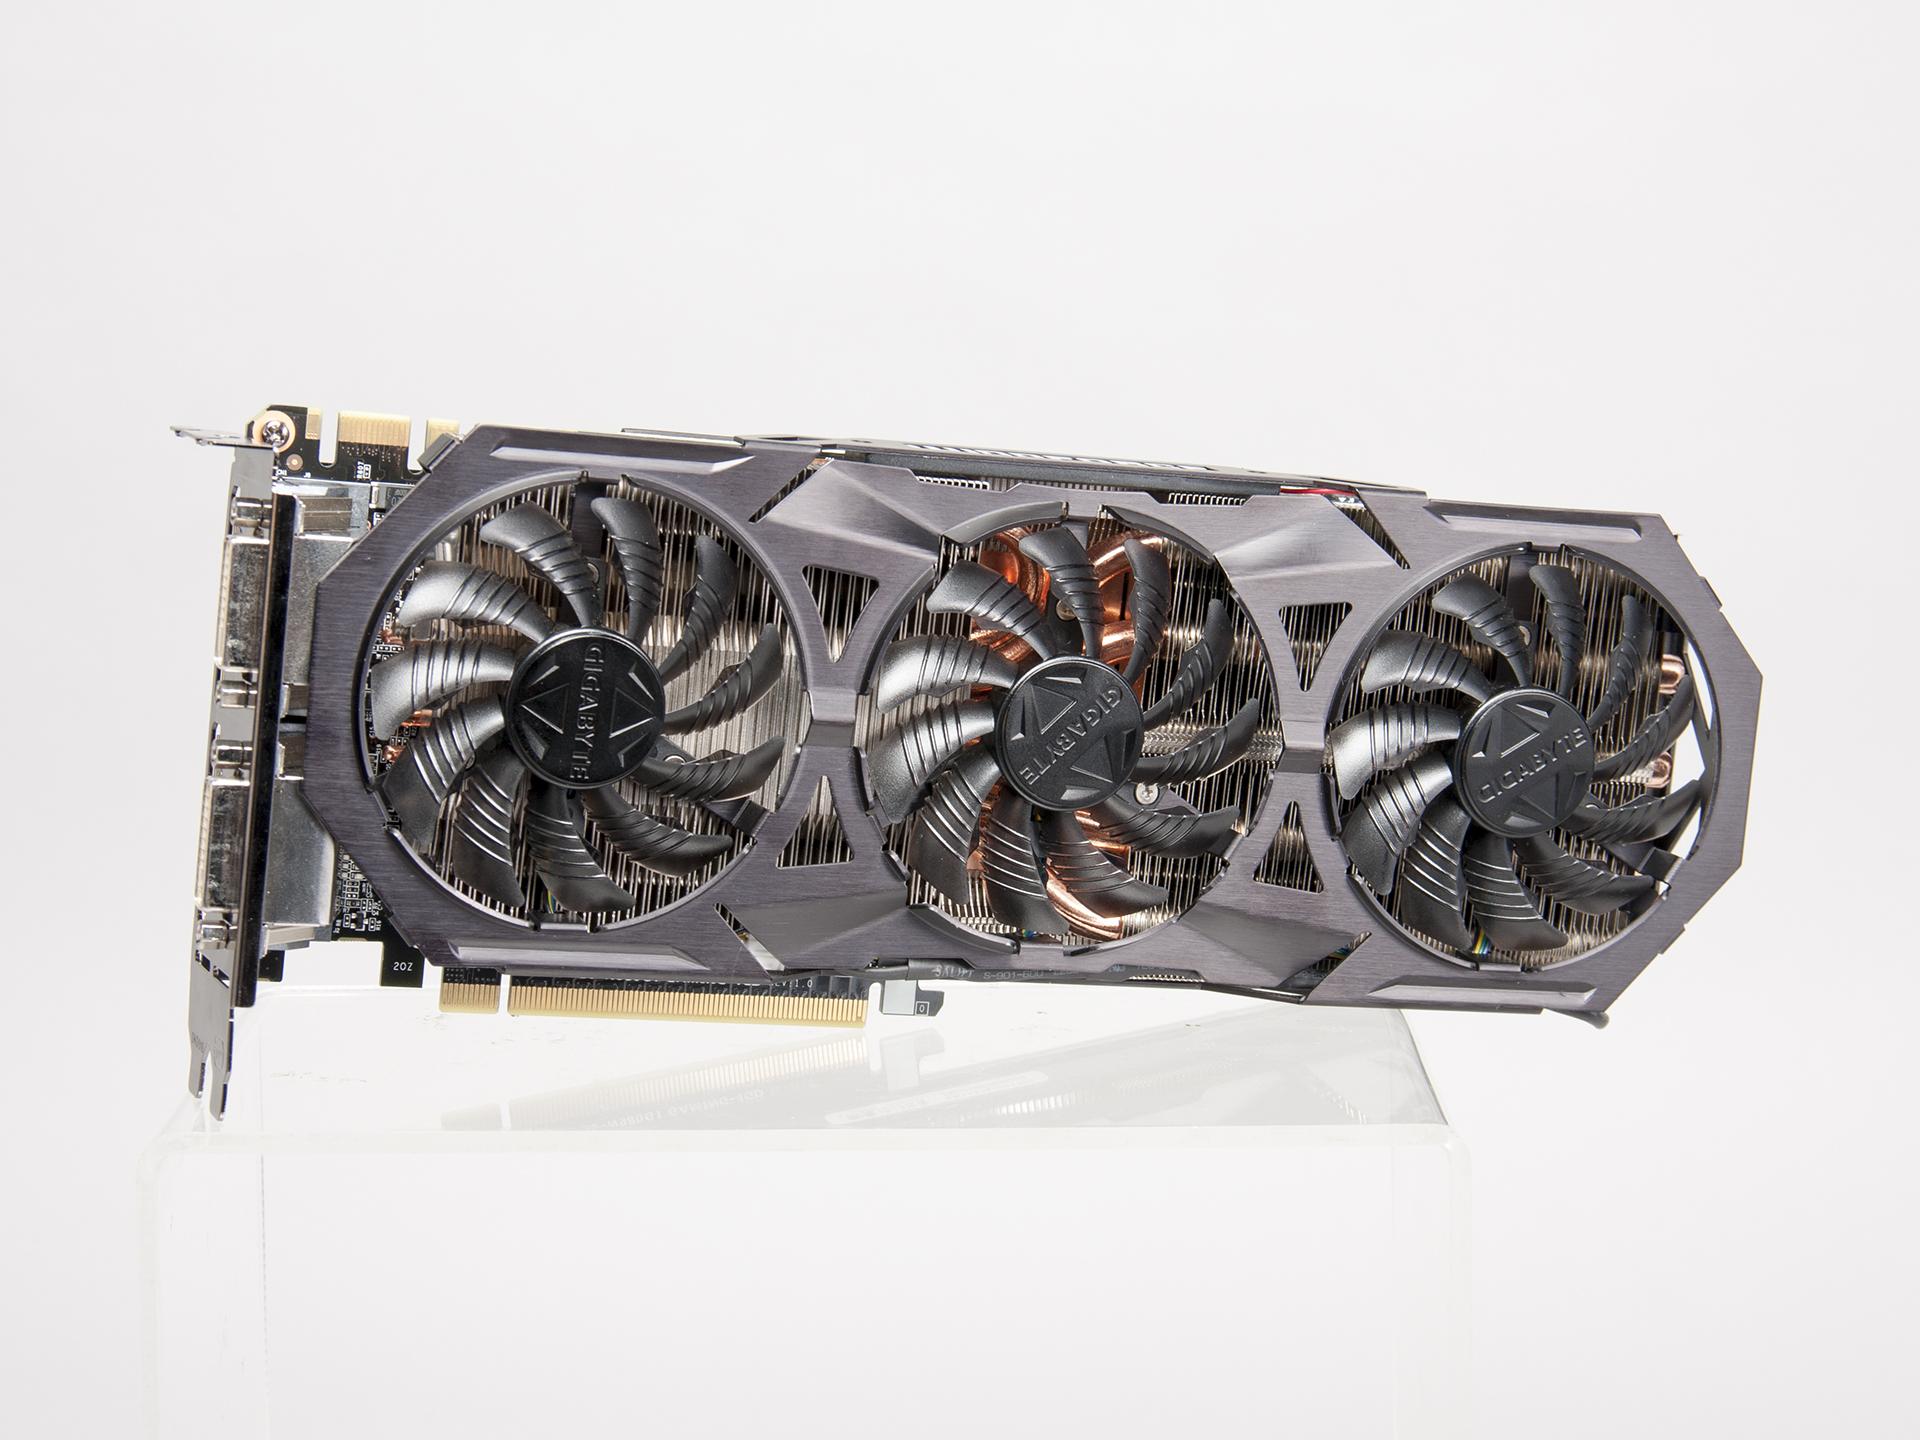 遊戲品牌延伸至顯示卡,技嘉 G1 Gaming GeForce GTX 980 完全解析